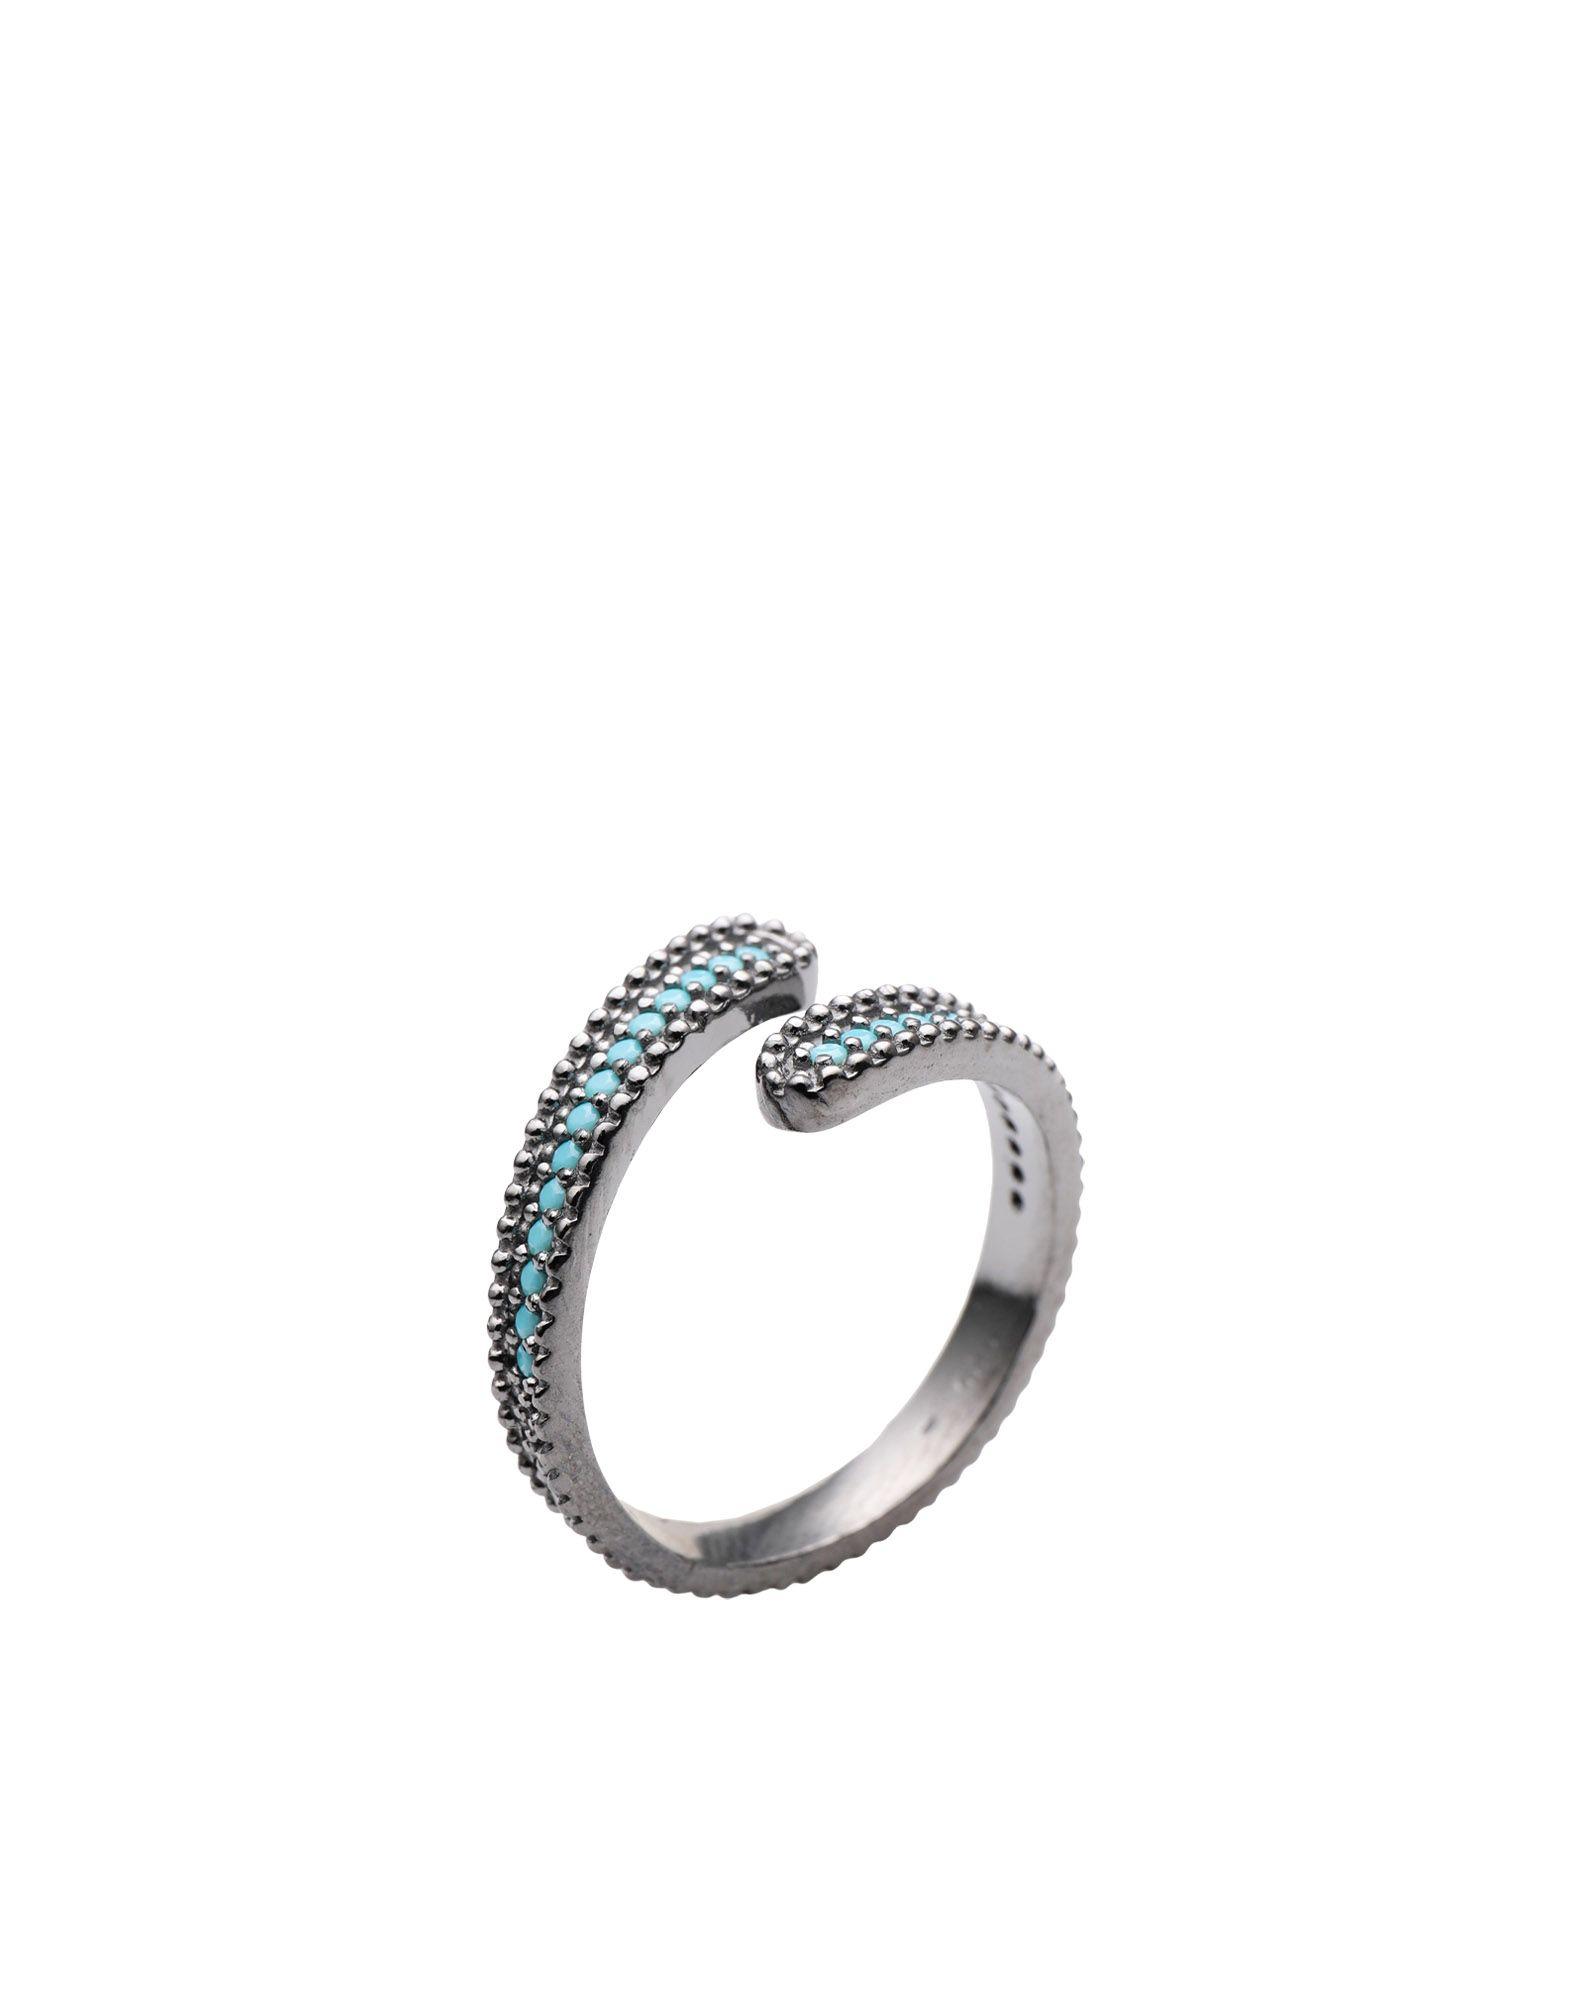 《セール開催中》FIRST PEOPLE FIRST レディース 指輪 鉛色 one size シルバー925/1000 / 18金メッキ / トルコ石 Concordia Zircon Ring